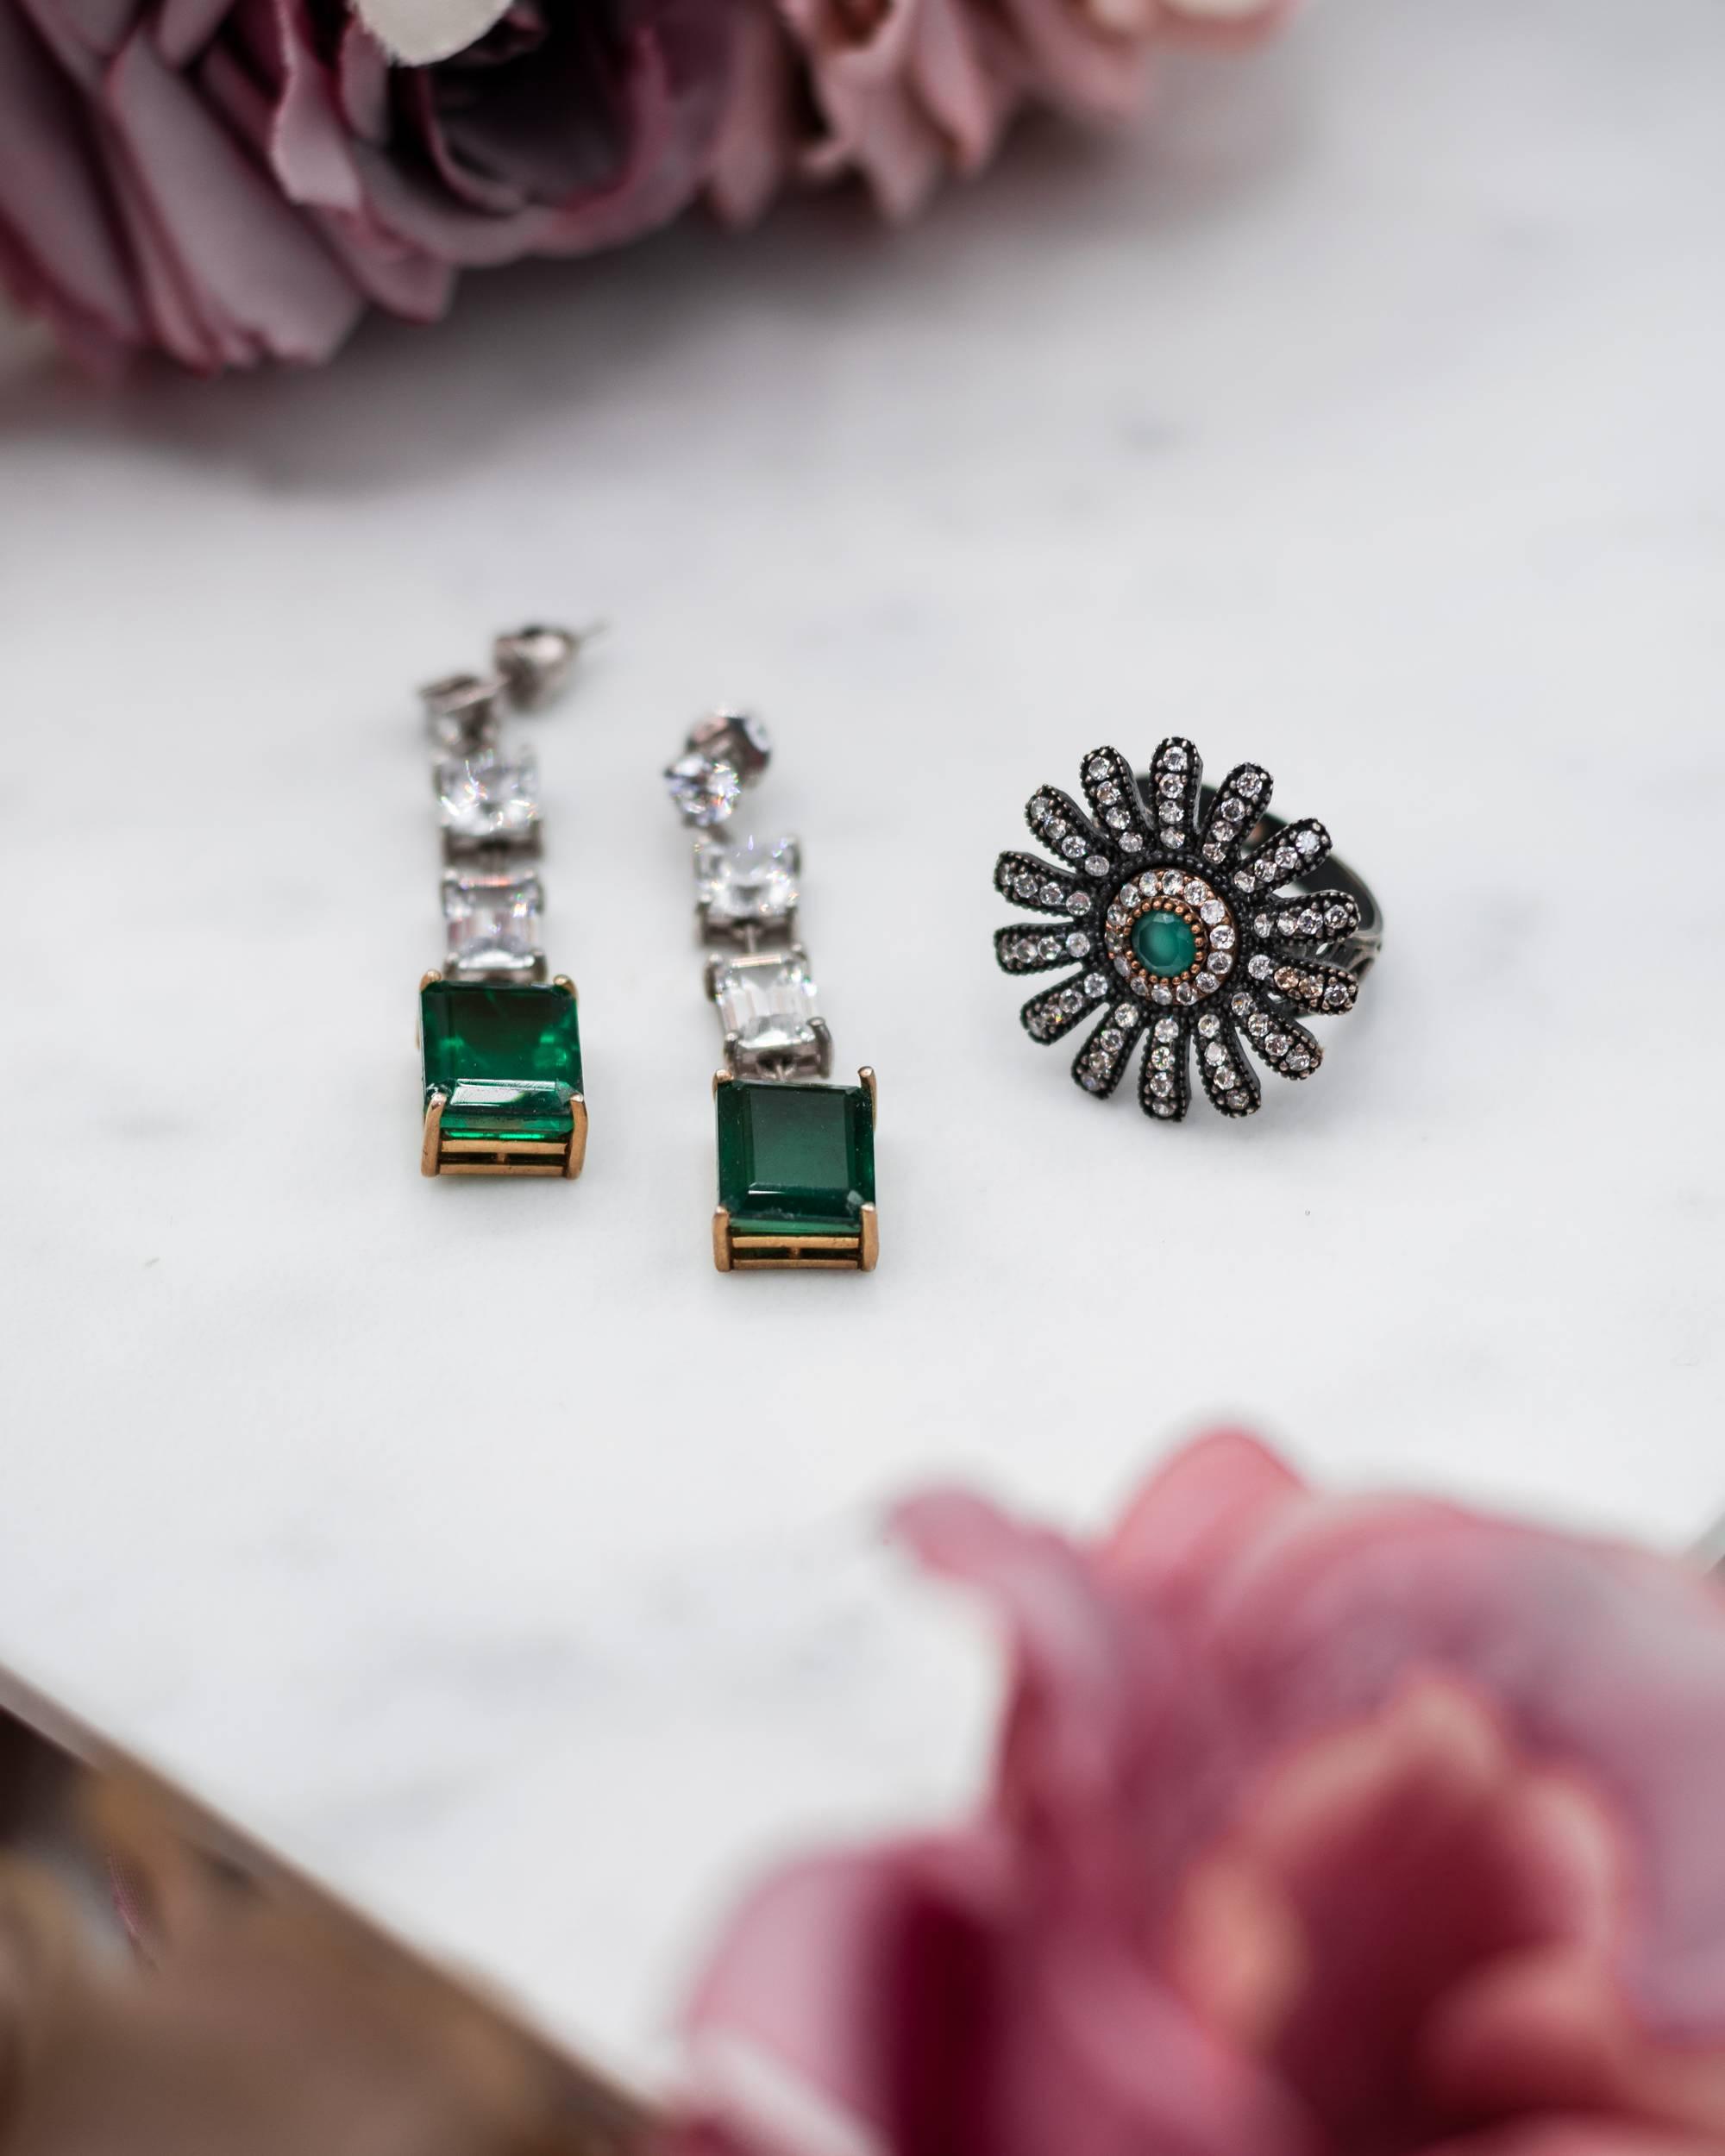 Double-J-Accessories-la-marque-de-bijoux-libanaise-engagee-1-5